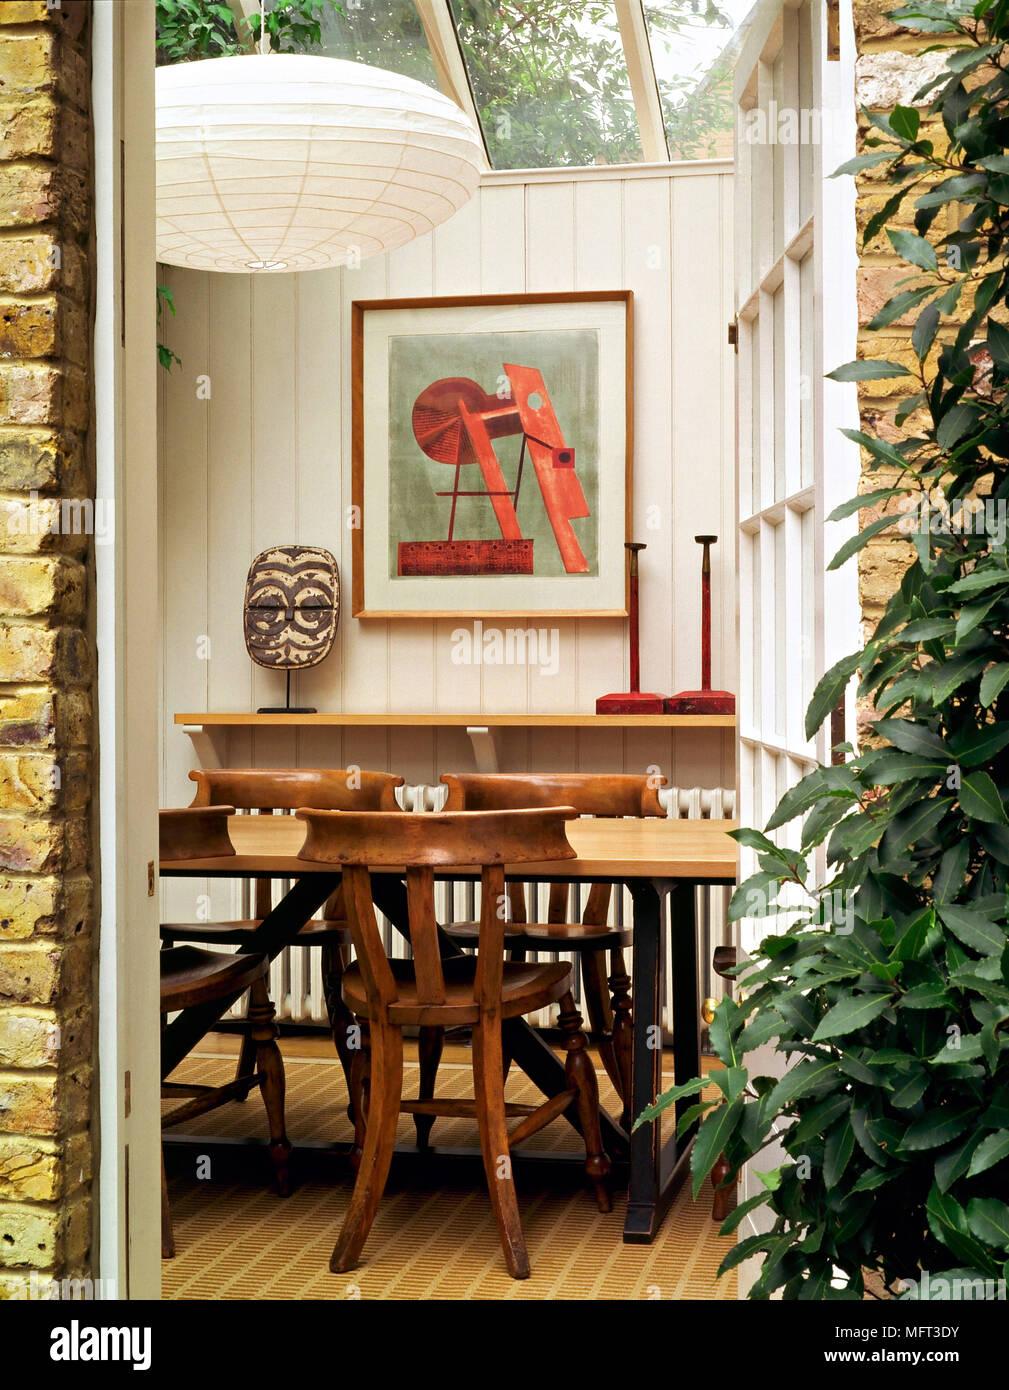 Moderno Mesas De Cocina País Del Reino Unido Imágenes - Ideas Del ...